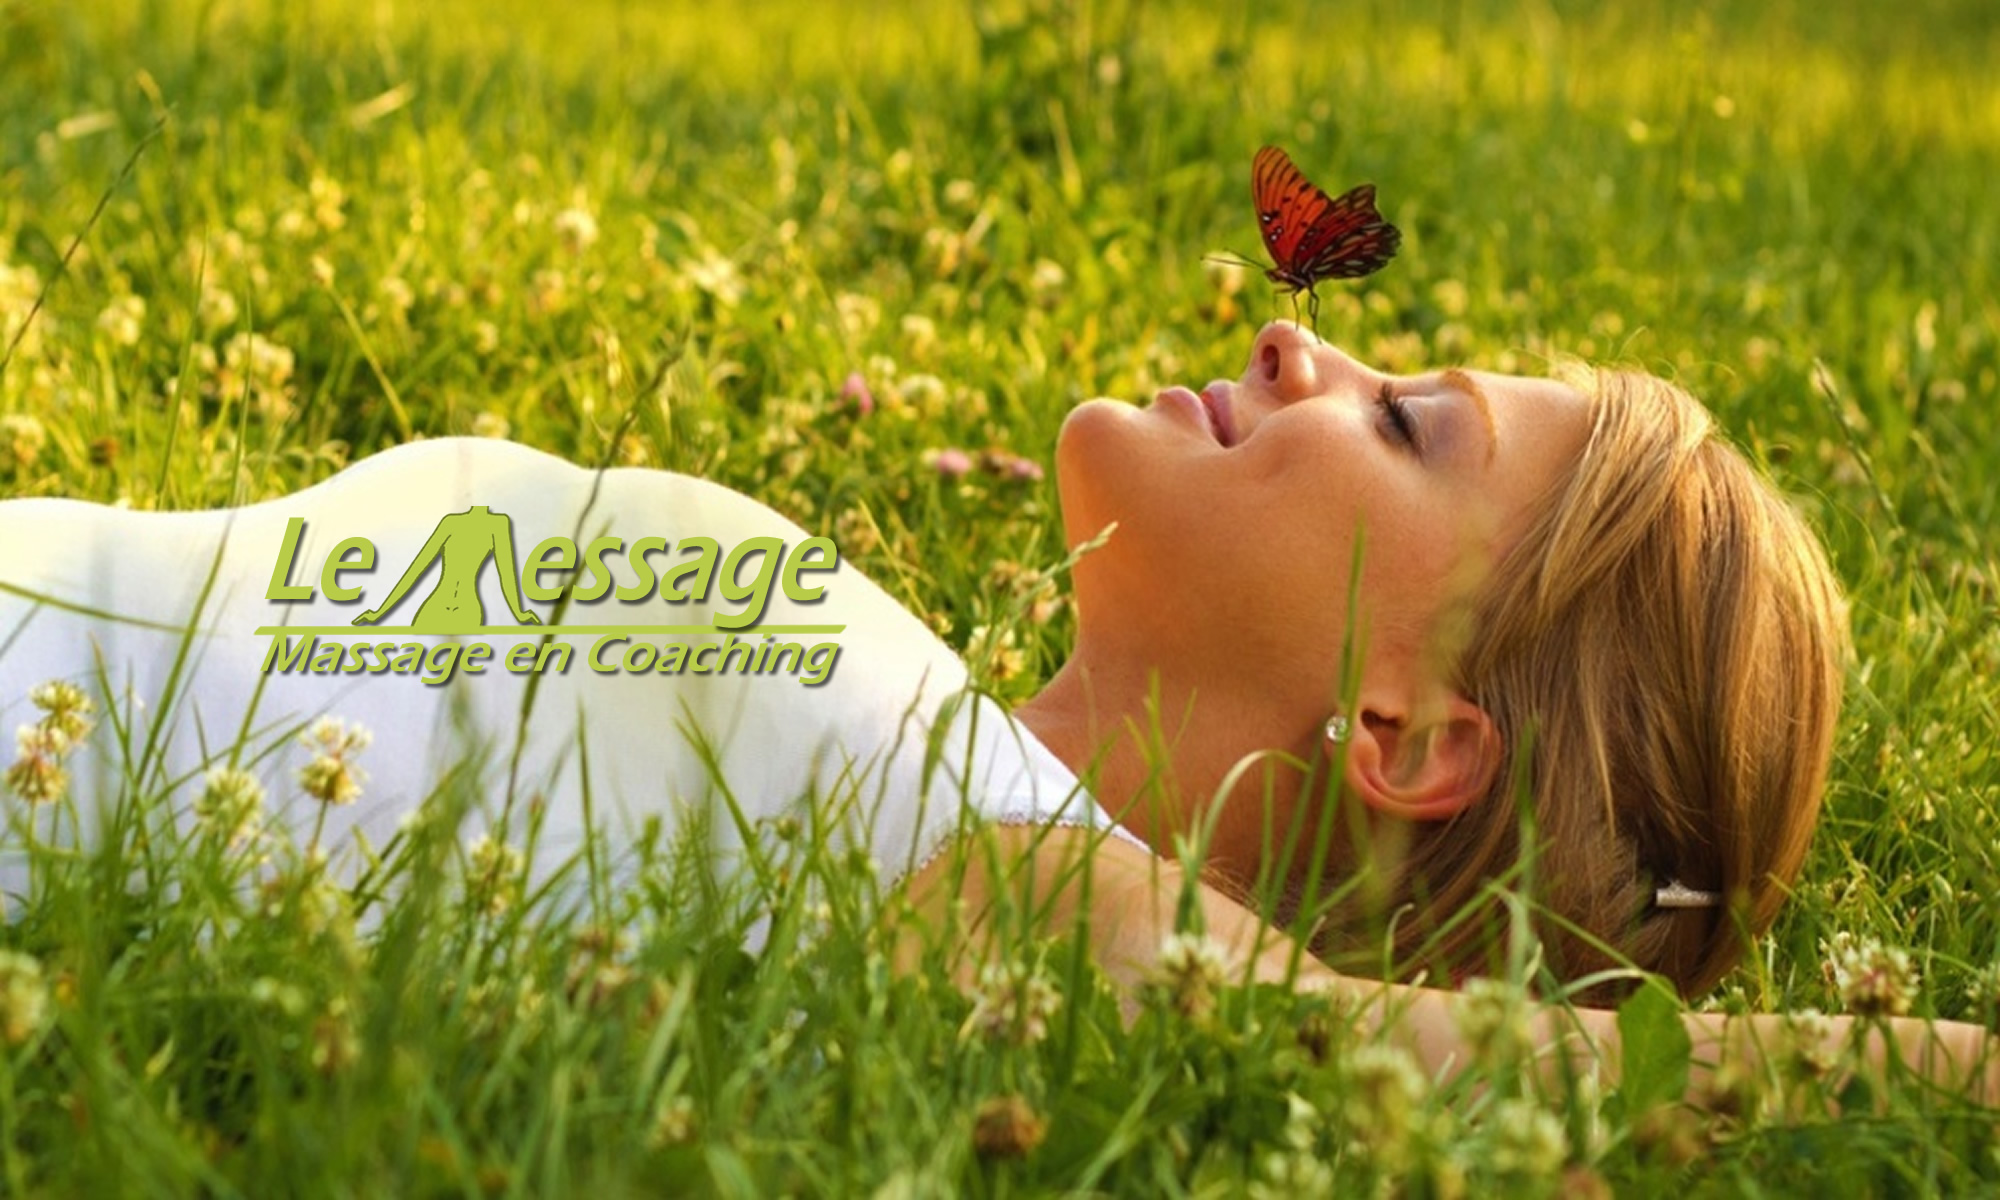 Le Message, Massage en Coaching, Devinus Methode Almere, Almere, ontspannen, massage, coaching, rust, Massage, Almere, Coach, Opstellingen, Blokkades, Energie, Energetisch, Stromen, Ontspannen, Ontspanning